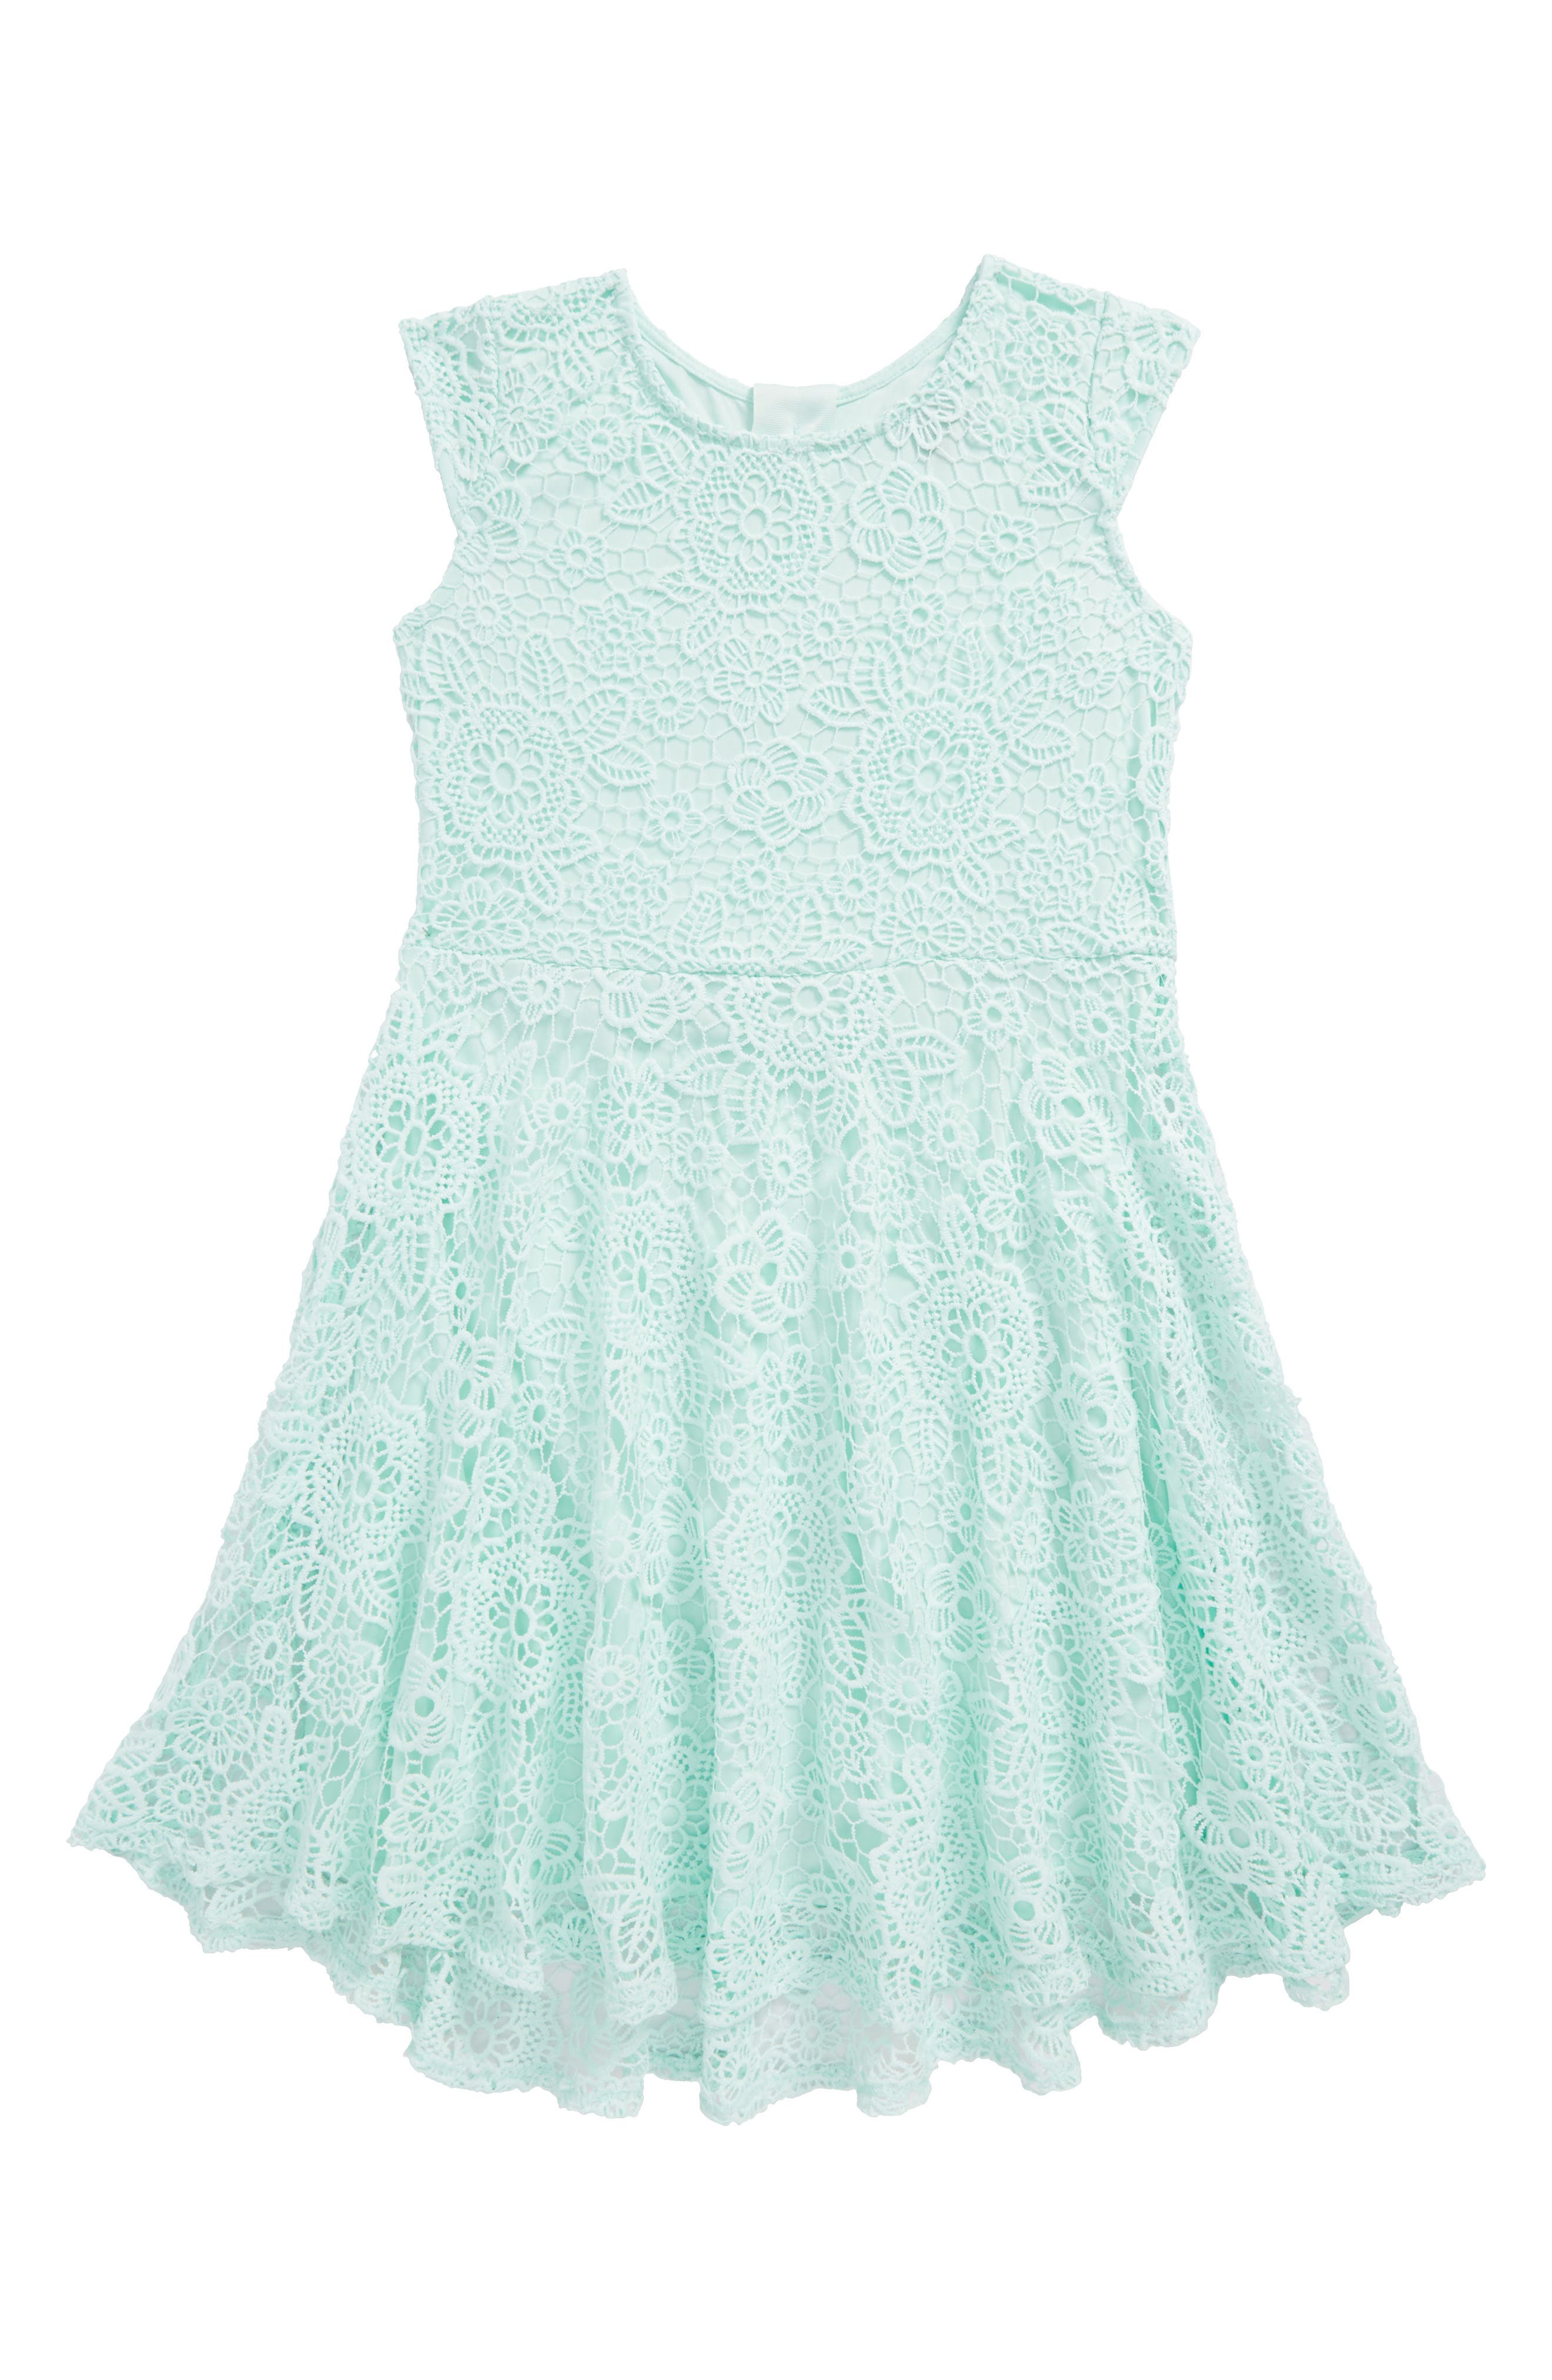 Crochet Skater Dress,                         Main,                         color, 331